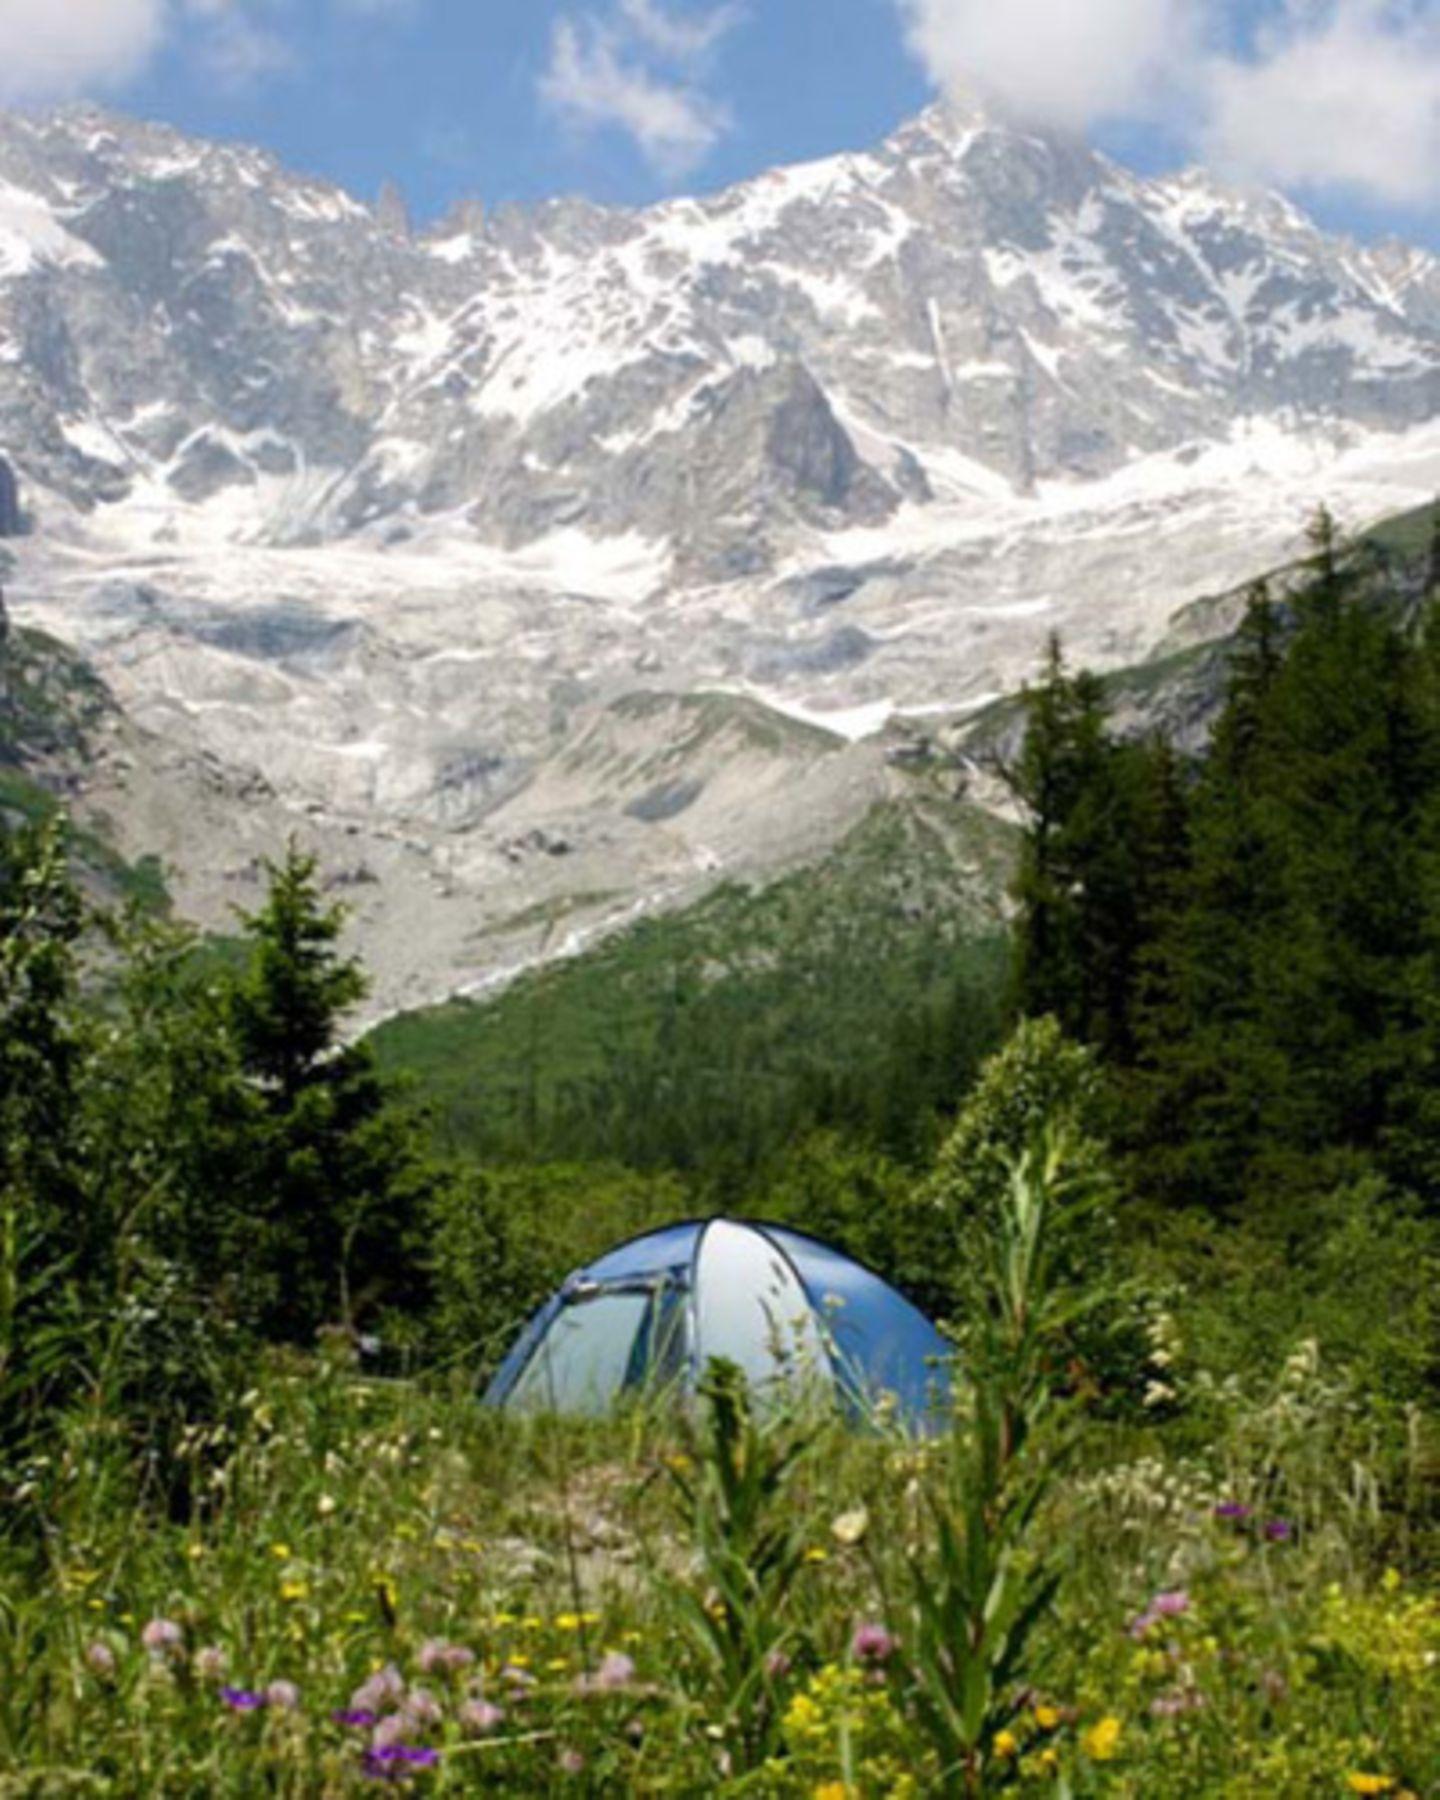 Schweiz: Gletscherblick im Wallis